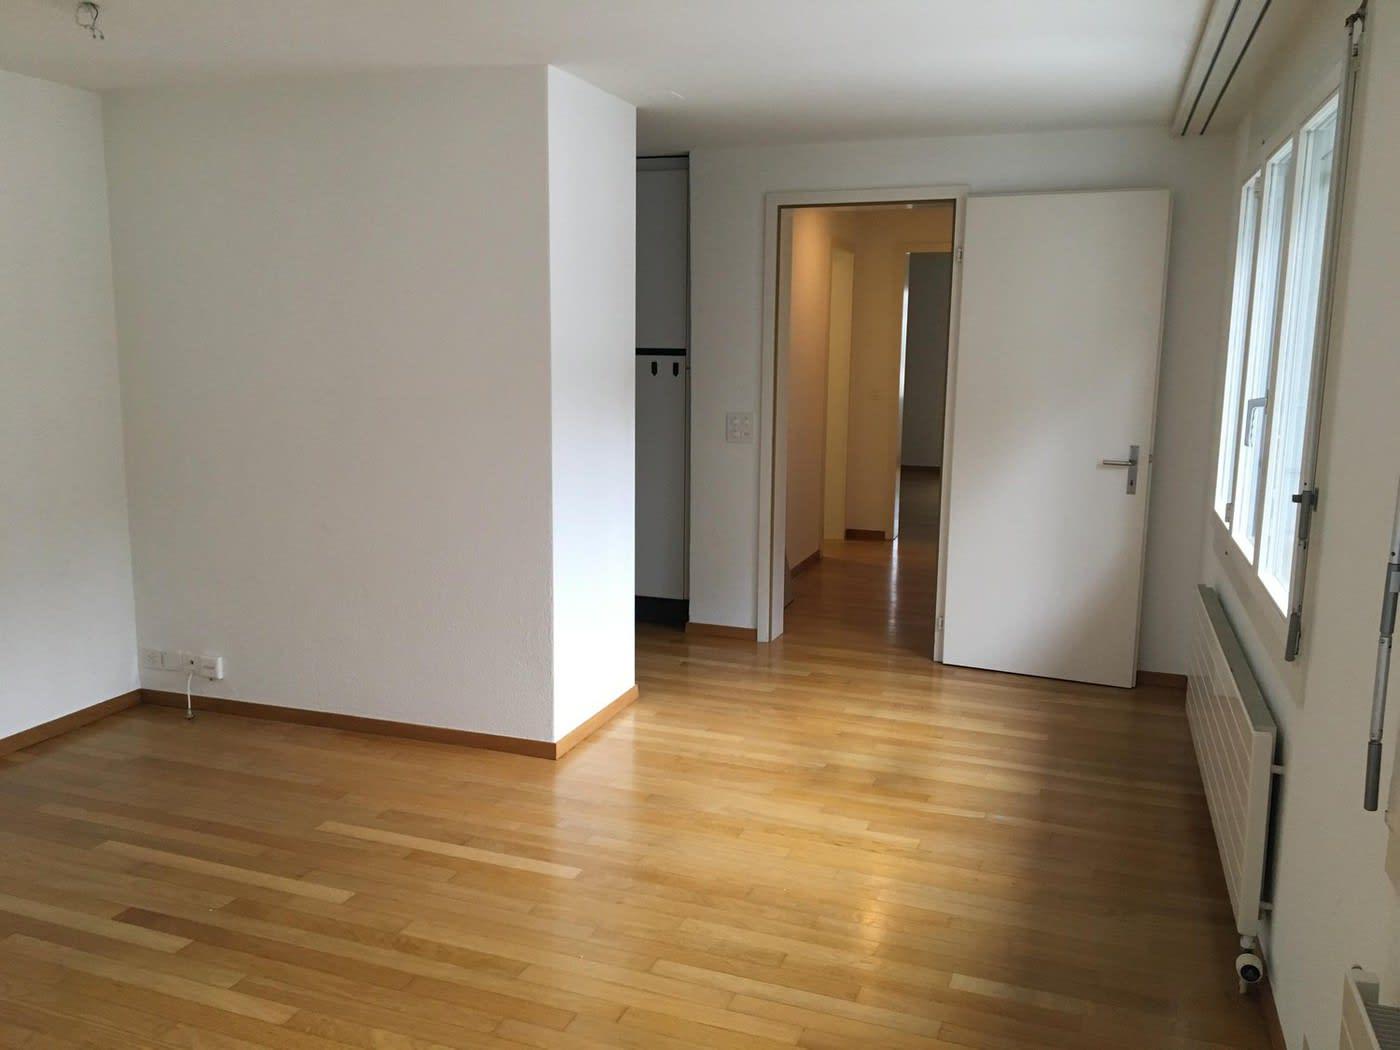 Hertensteinstrasse 32